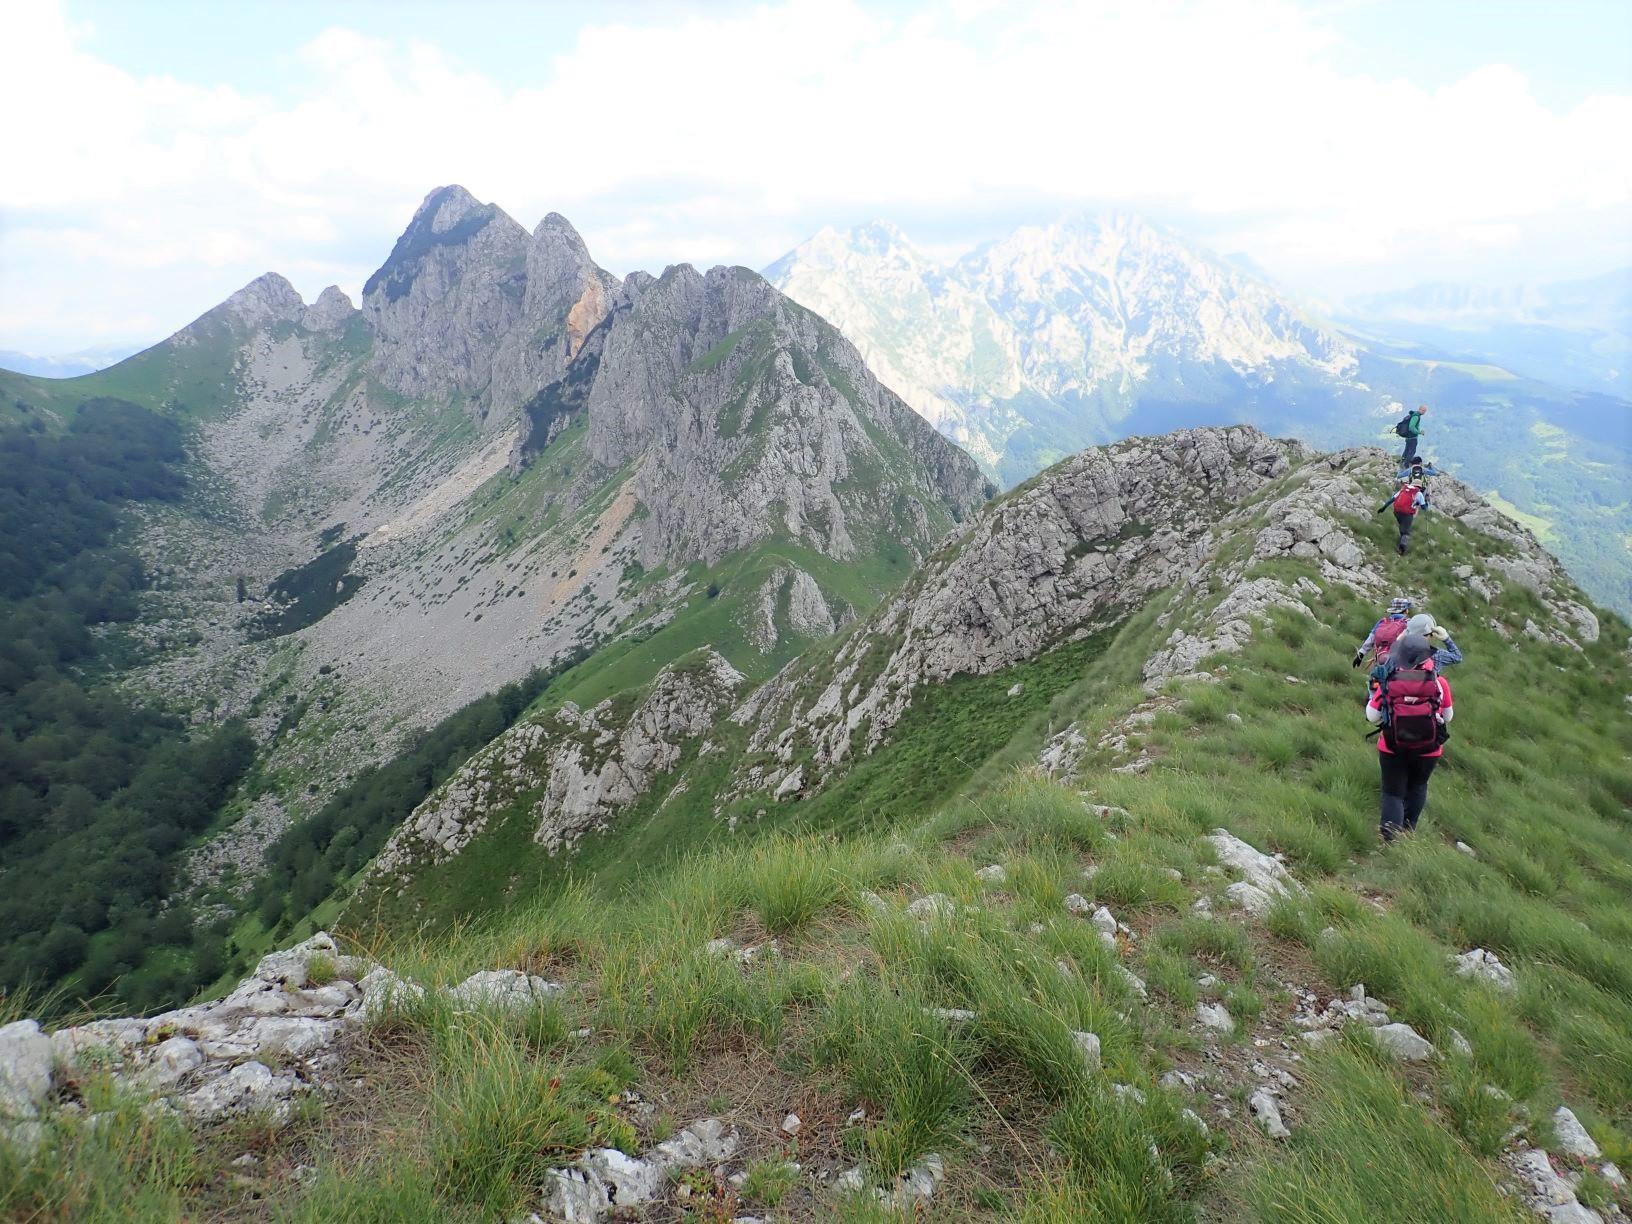 ウグリィシン峰からの下り、スーティツカ国立公園の山々を望む(5日目)